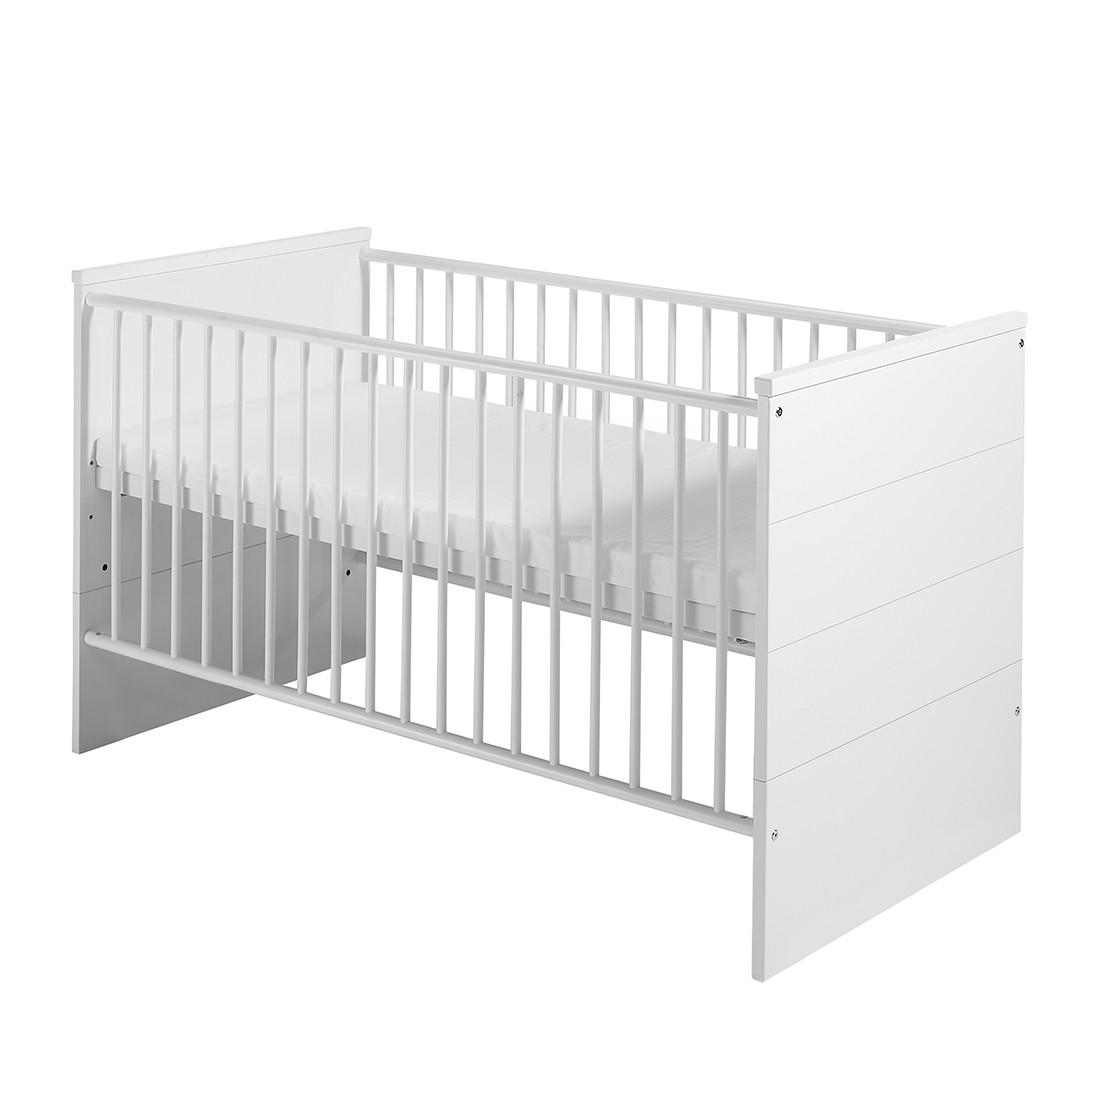 babybett massiv preisvergleich die besten angebote online kaufen. Black Bedroom Furniture Sets. Home Design Ideas